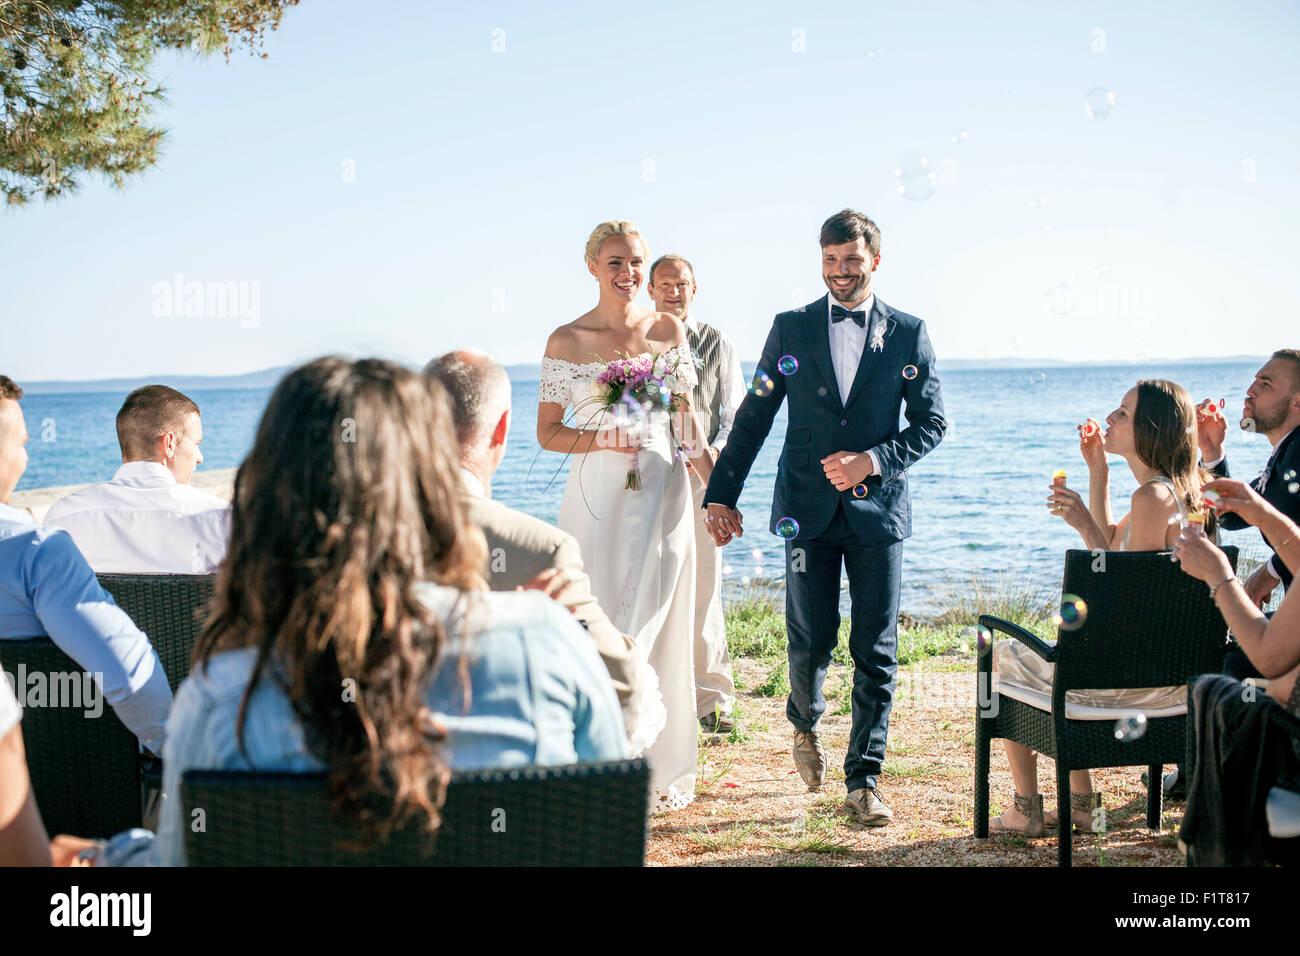 Braut und Bräutigam bei der Trauung am Strand Stockfoto